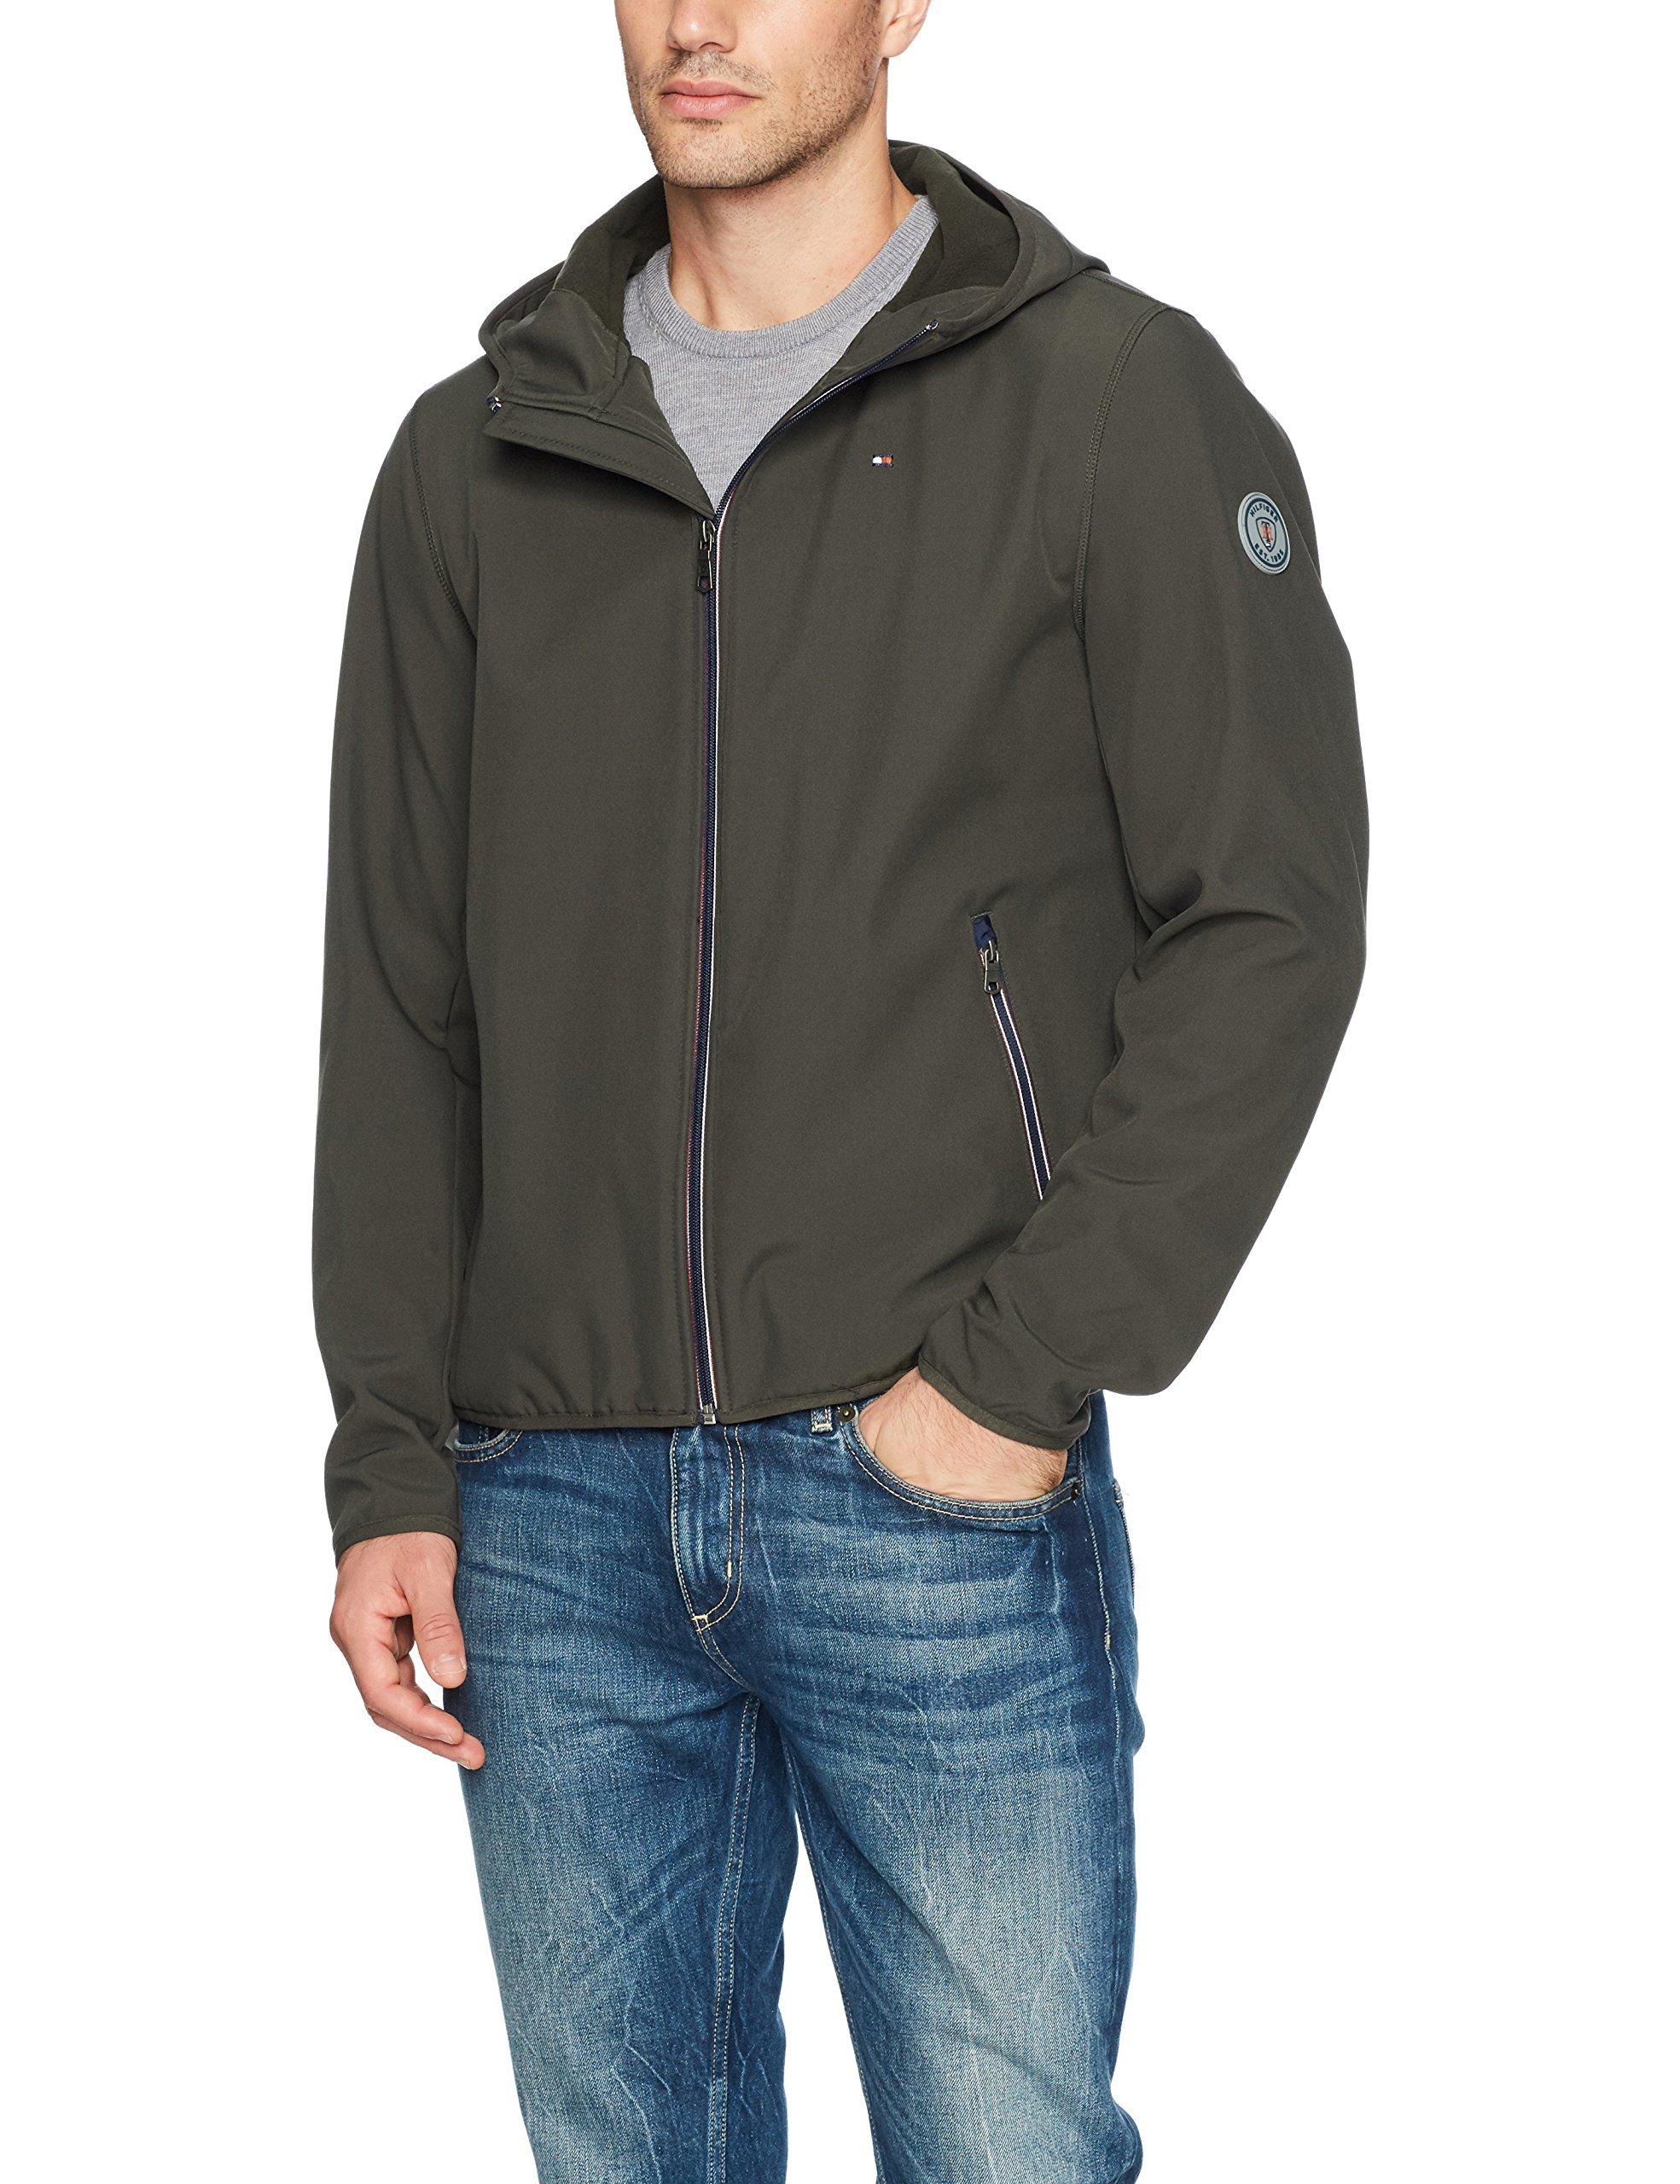 Tommy Hilfiger Men's Hooded Performance Soft Shell Jacket, Olive, Large